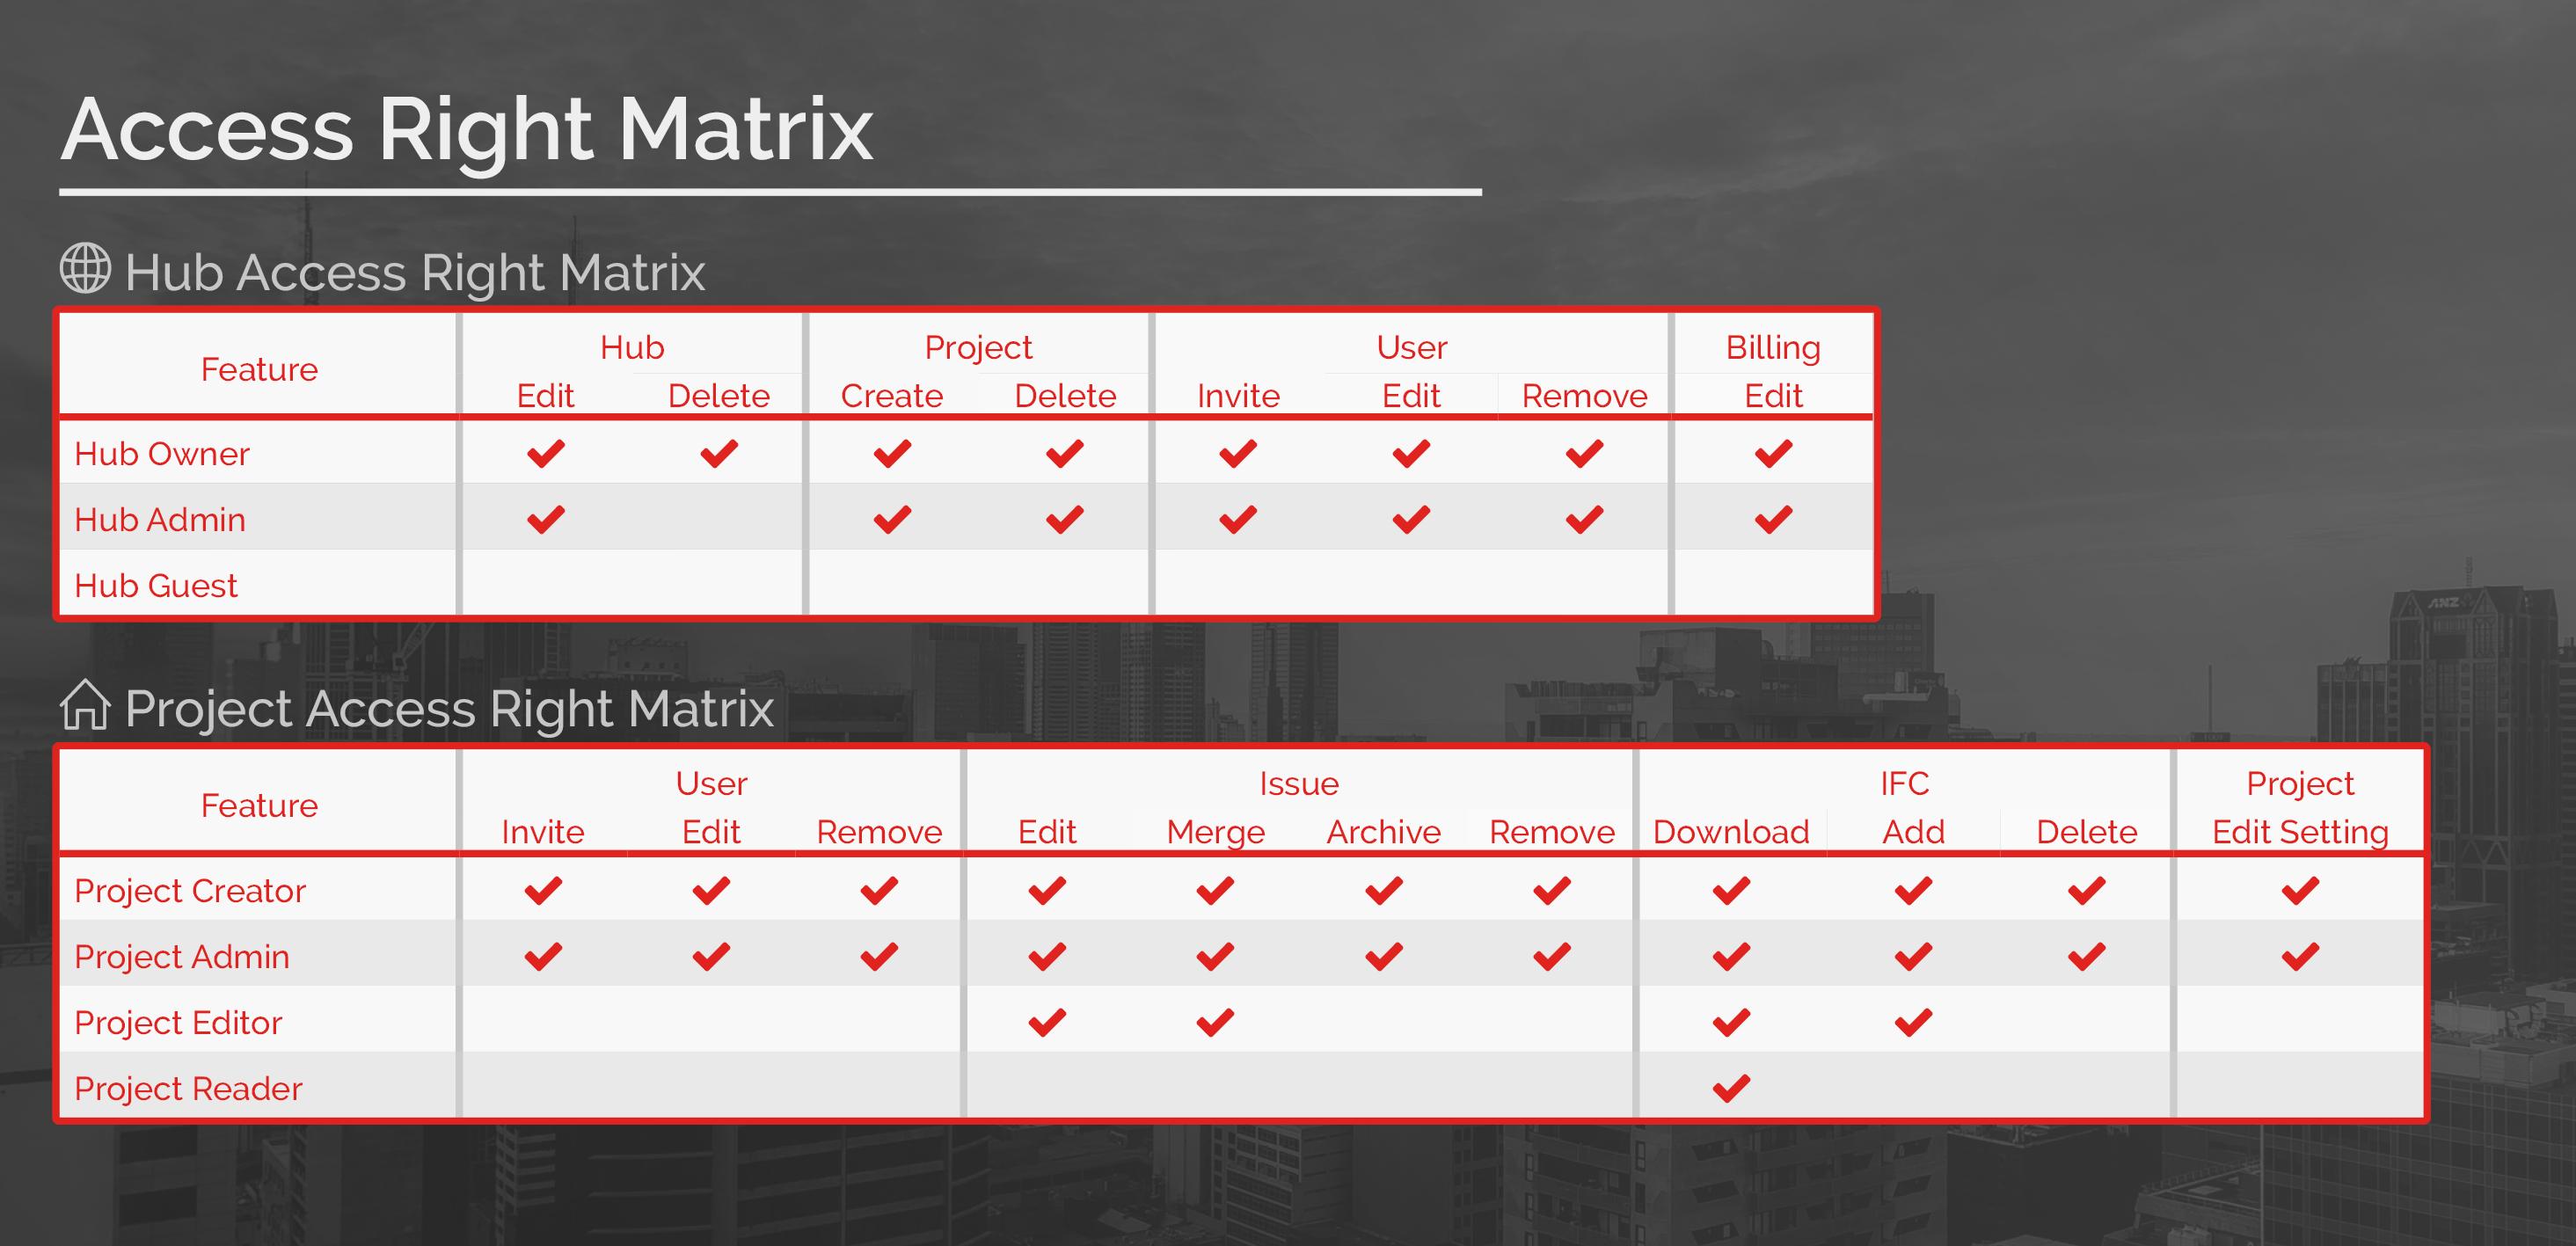 Figure 1.0: Access Right Matrix